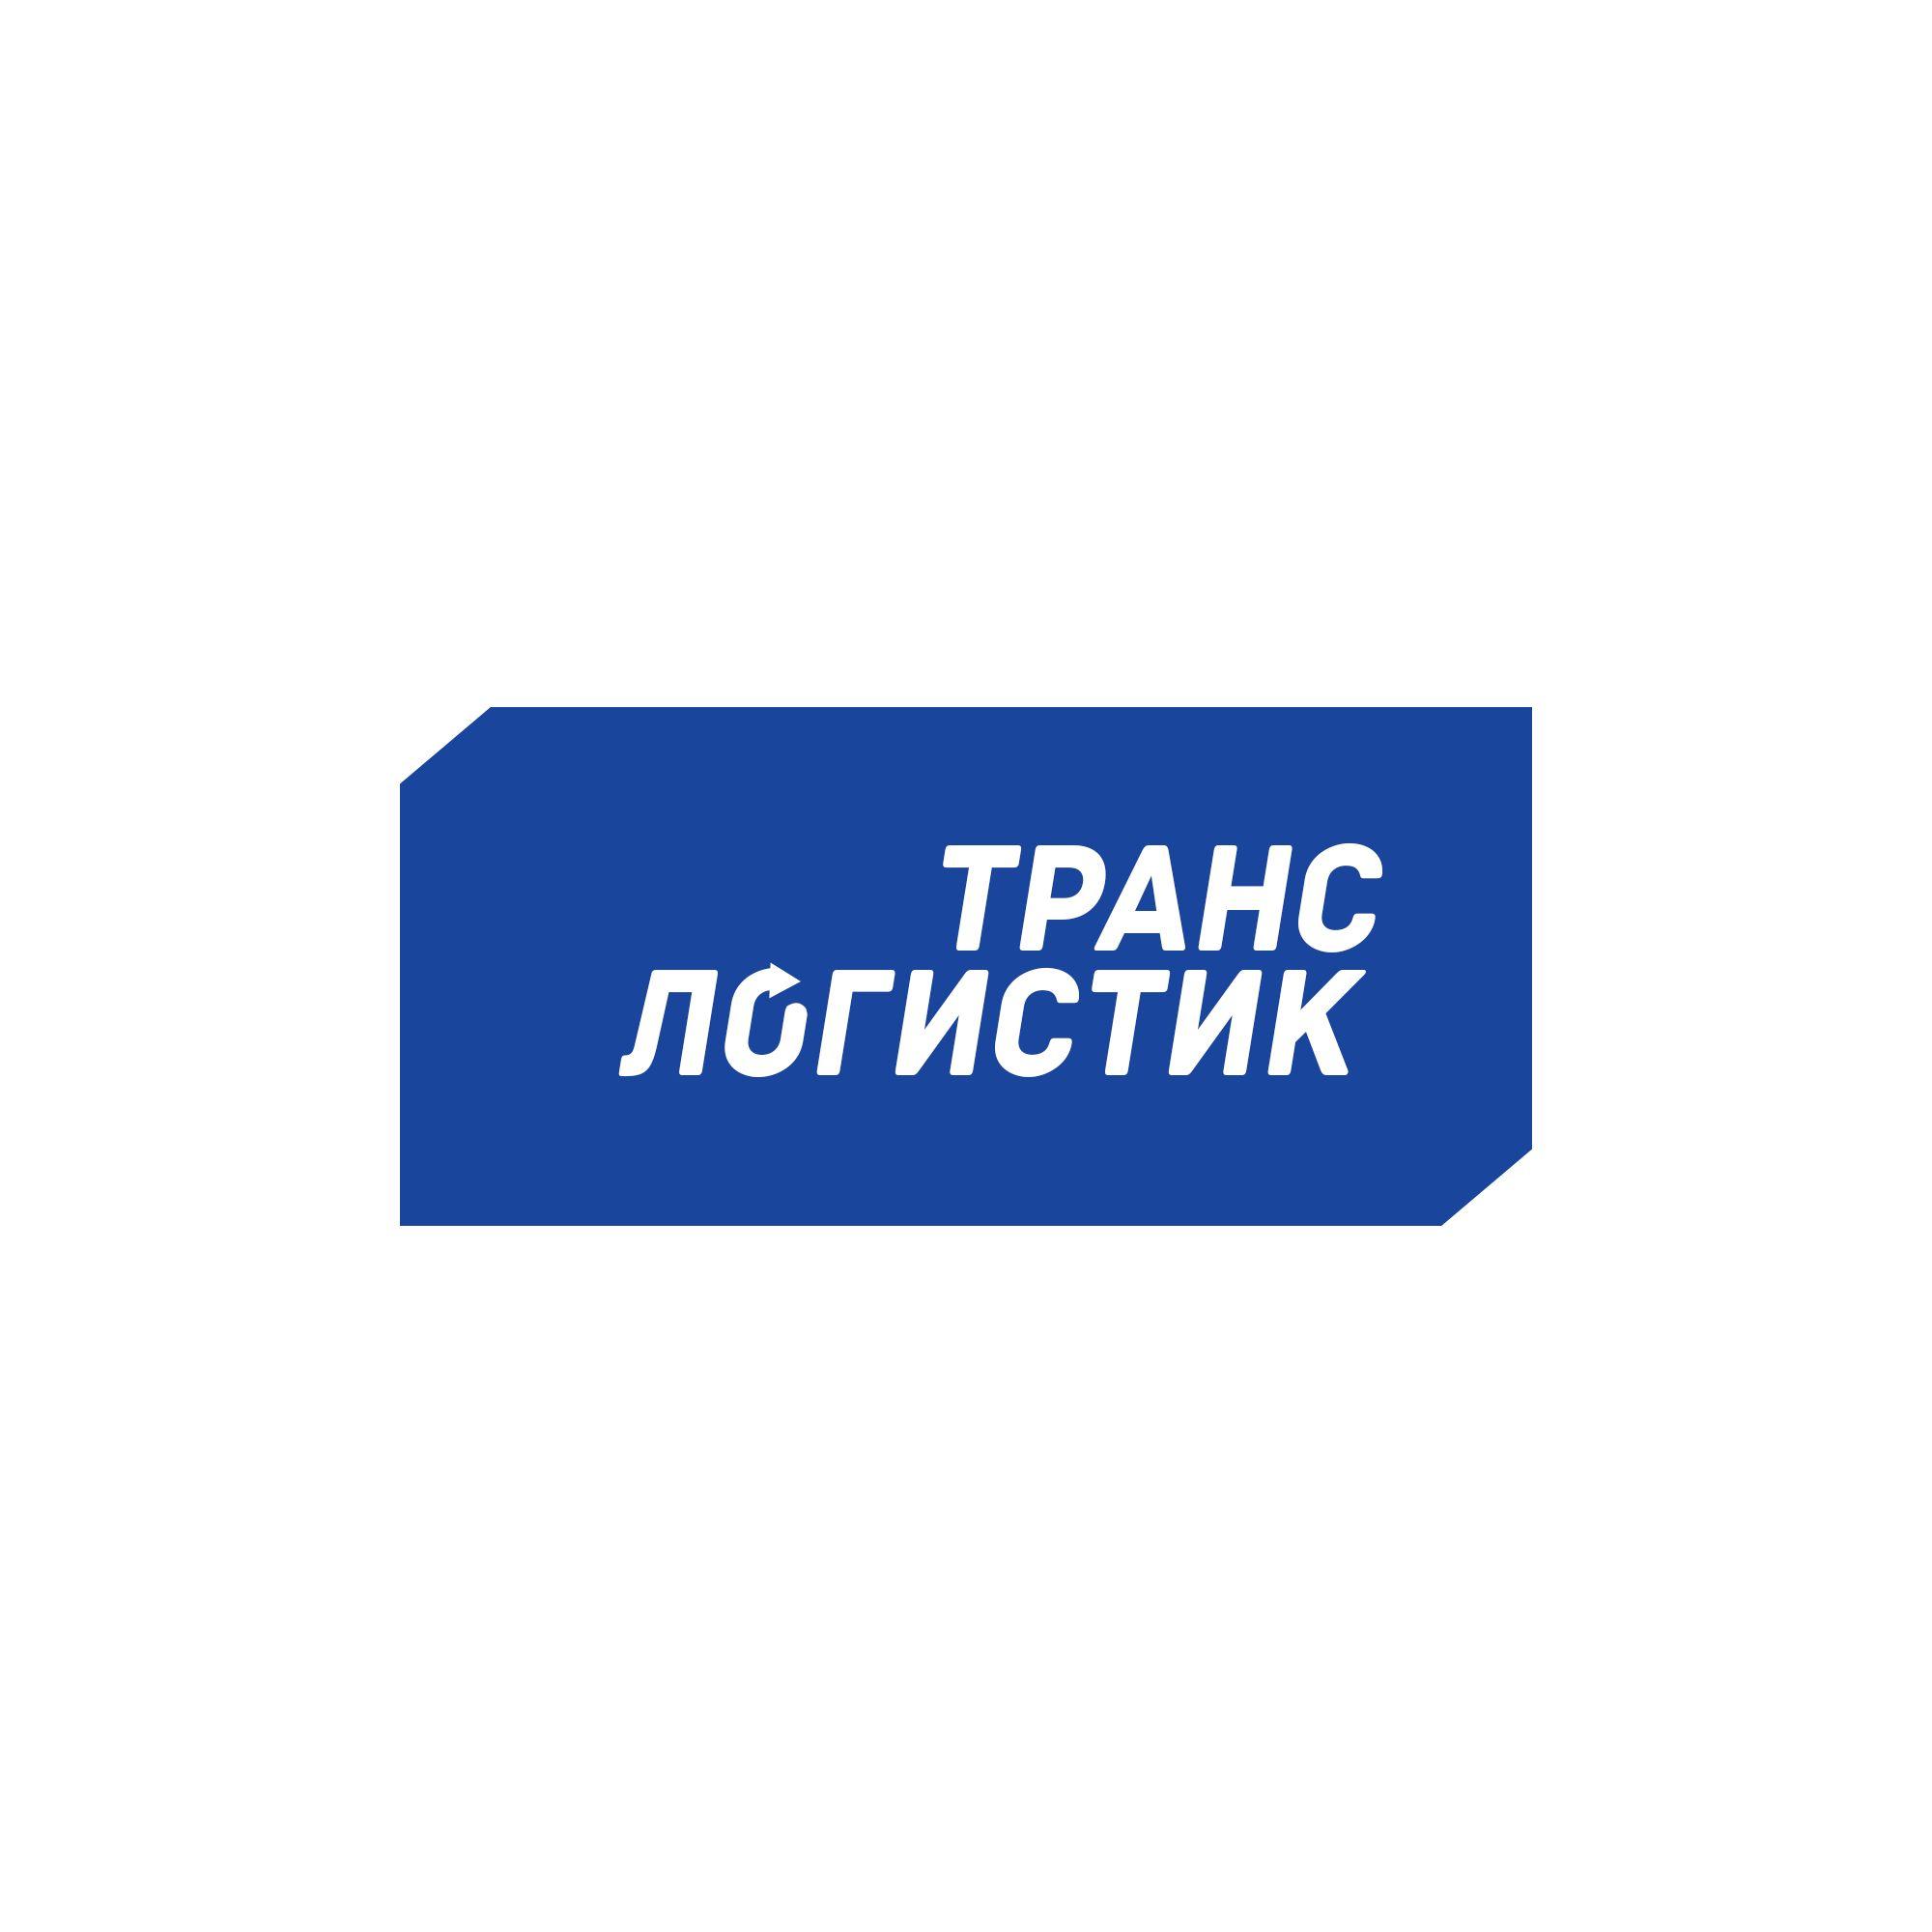 Логотип и визитка для транспортной компании - дизайнер rafael